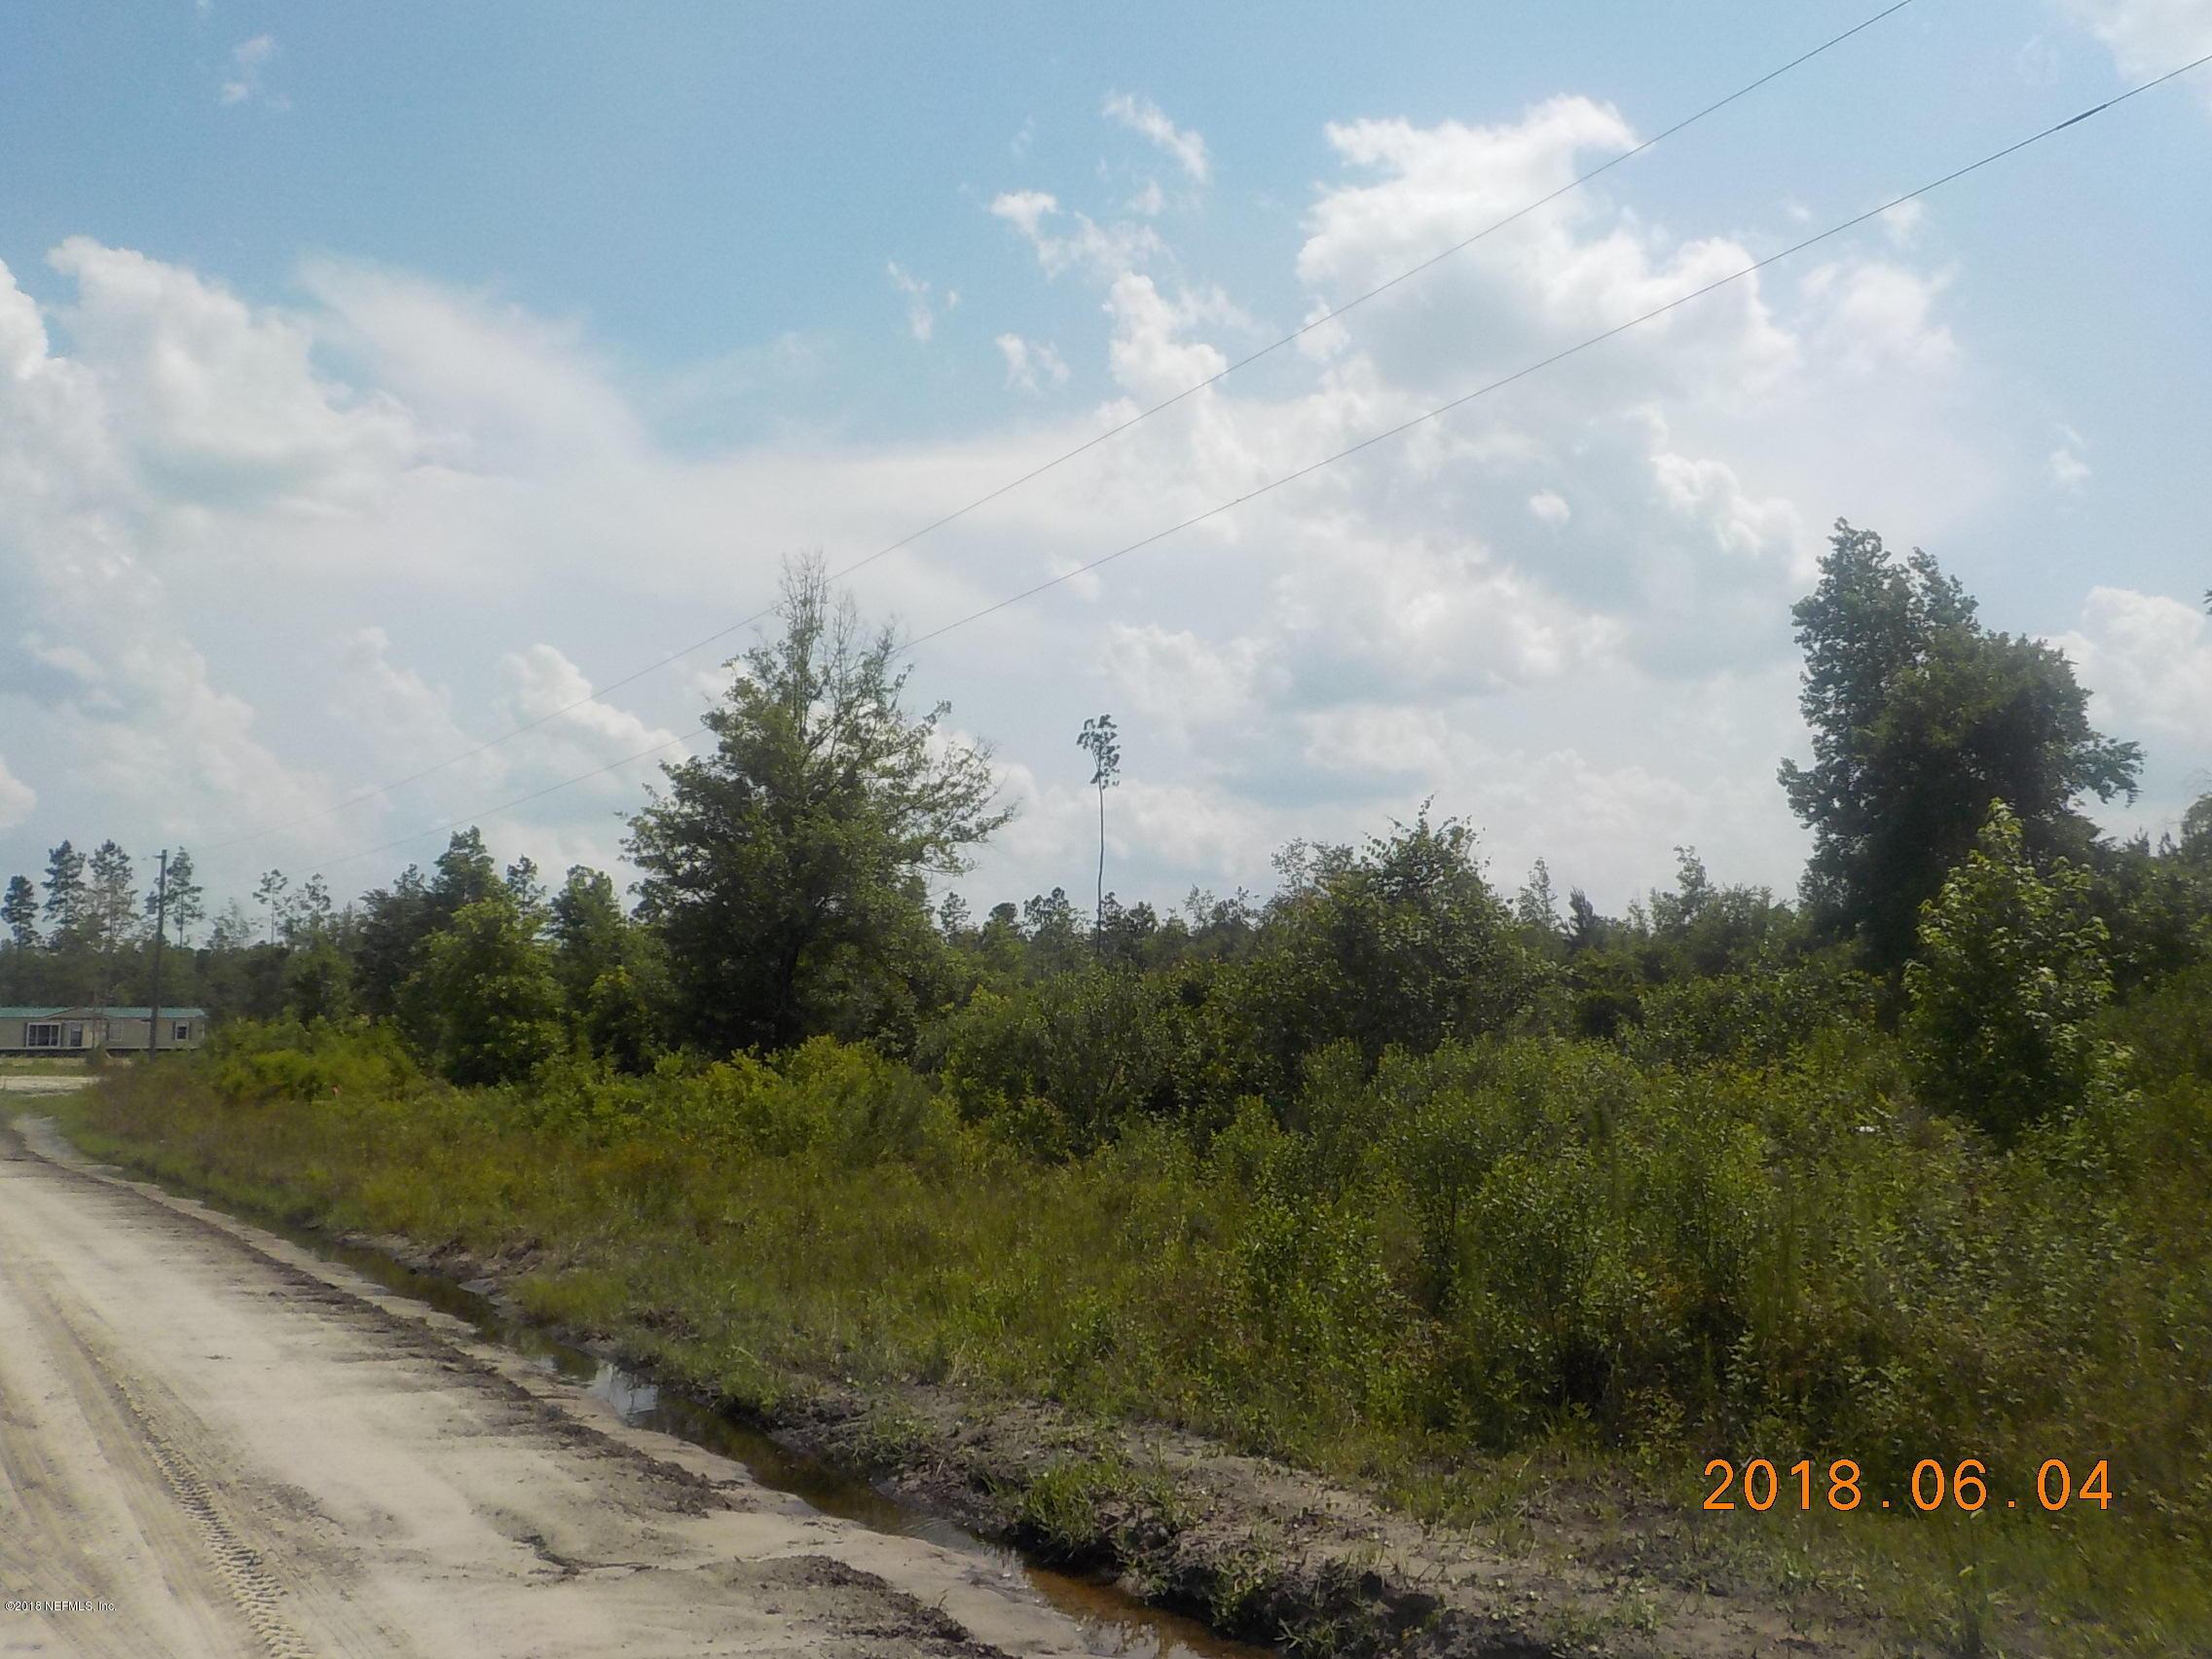 33 CEDAR CREEK FARMS, GLEN ST. MARY, FLORIDA 32040, ,Vacant land,For sale,CEDAR CREEK FARMS,940189